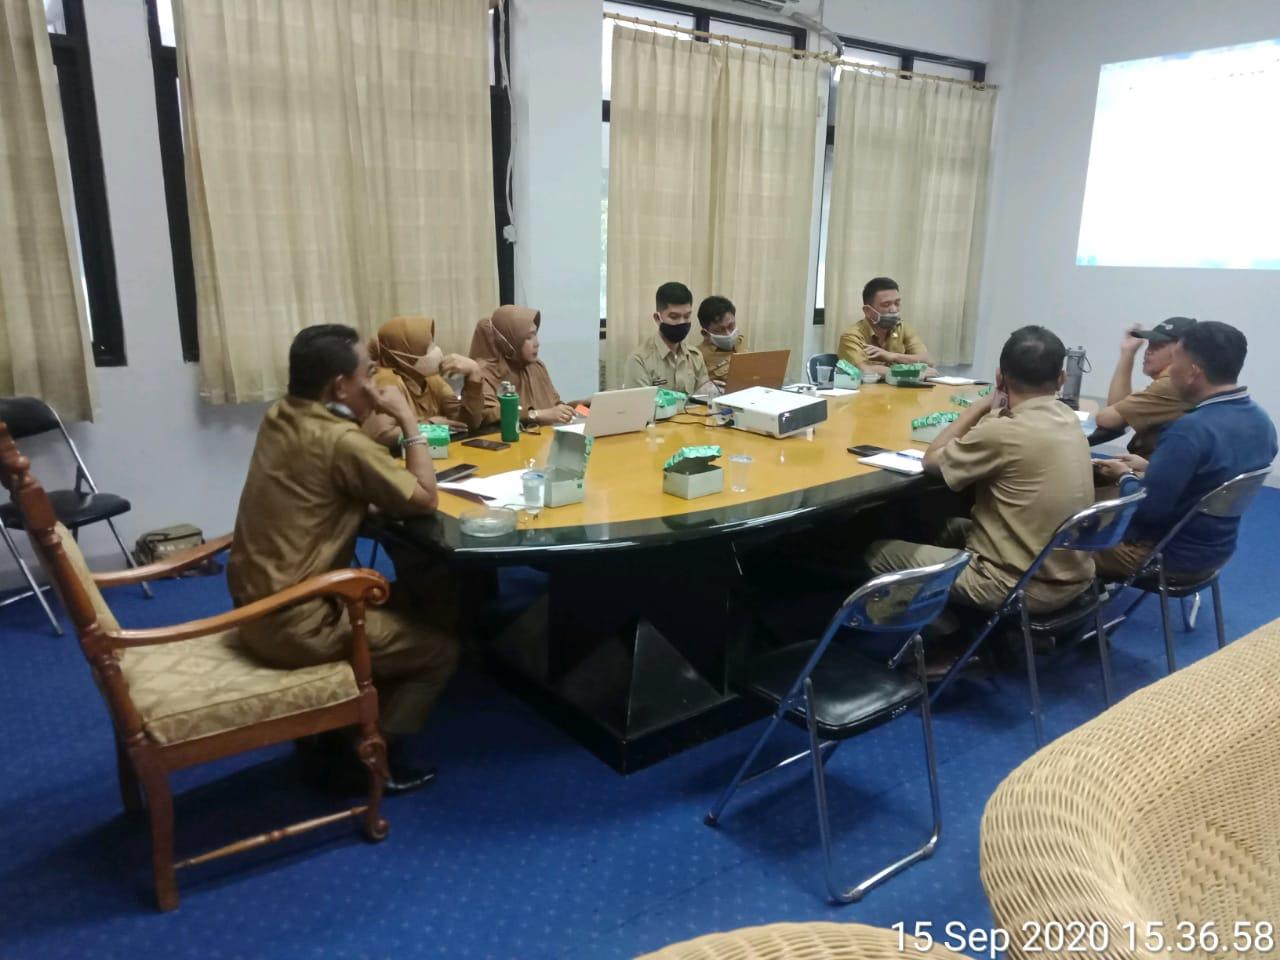 Rapat Penyusunan Rencana Aksi Percepatan Rehab  Rekon Pasca Bencana di Kota Palu dan Penyelesaian Permasalahan Aset Pemda Kota Palu pada tanggal 15 September yg dipimpin langsung Bapak Sekretaris Daerah Kota Palu di Ruang Asisten II Sekda Kota Palu